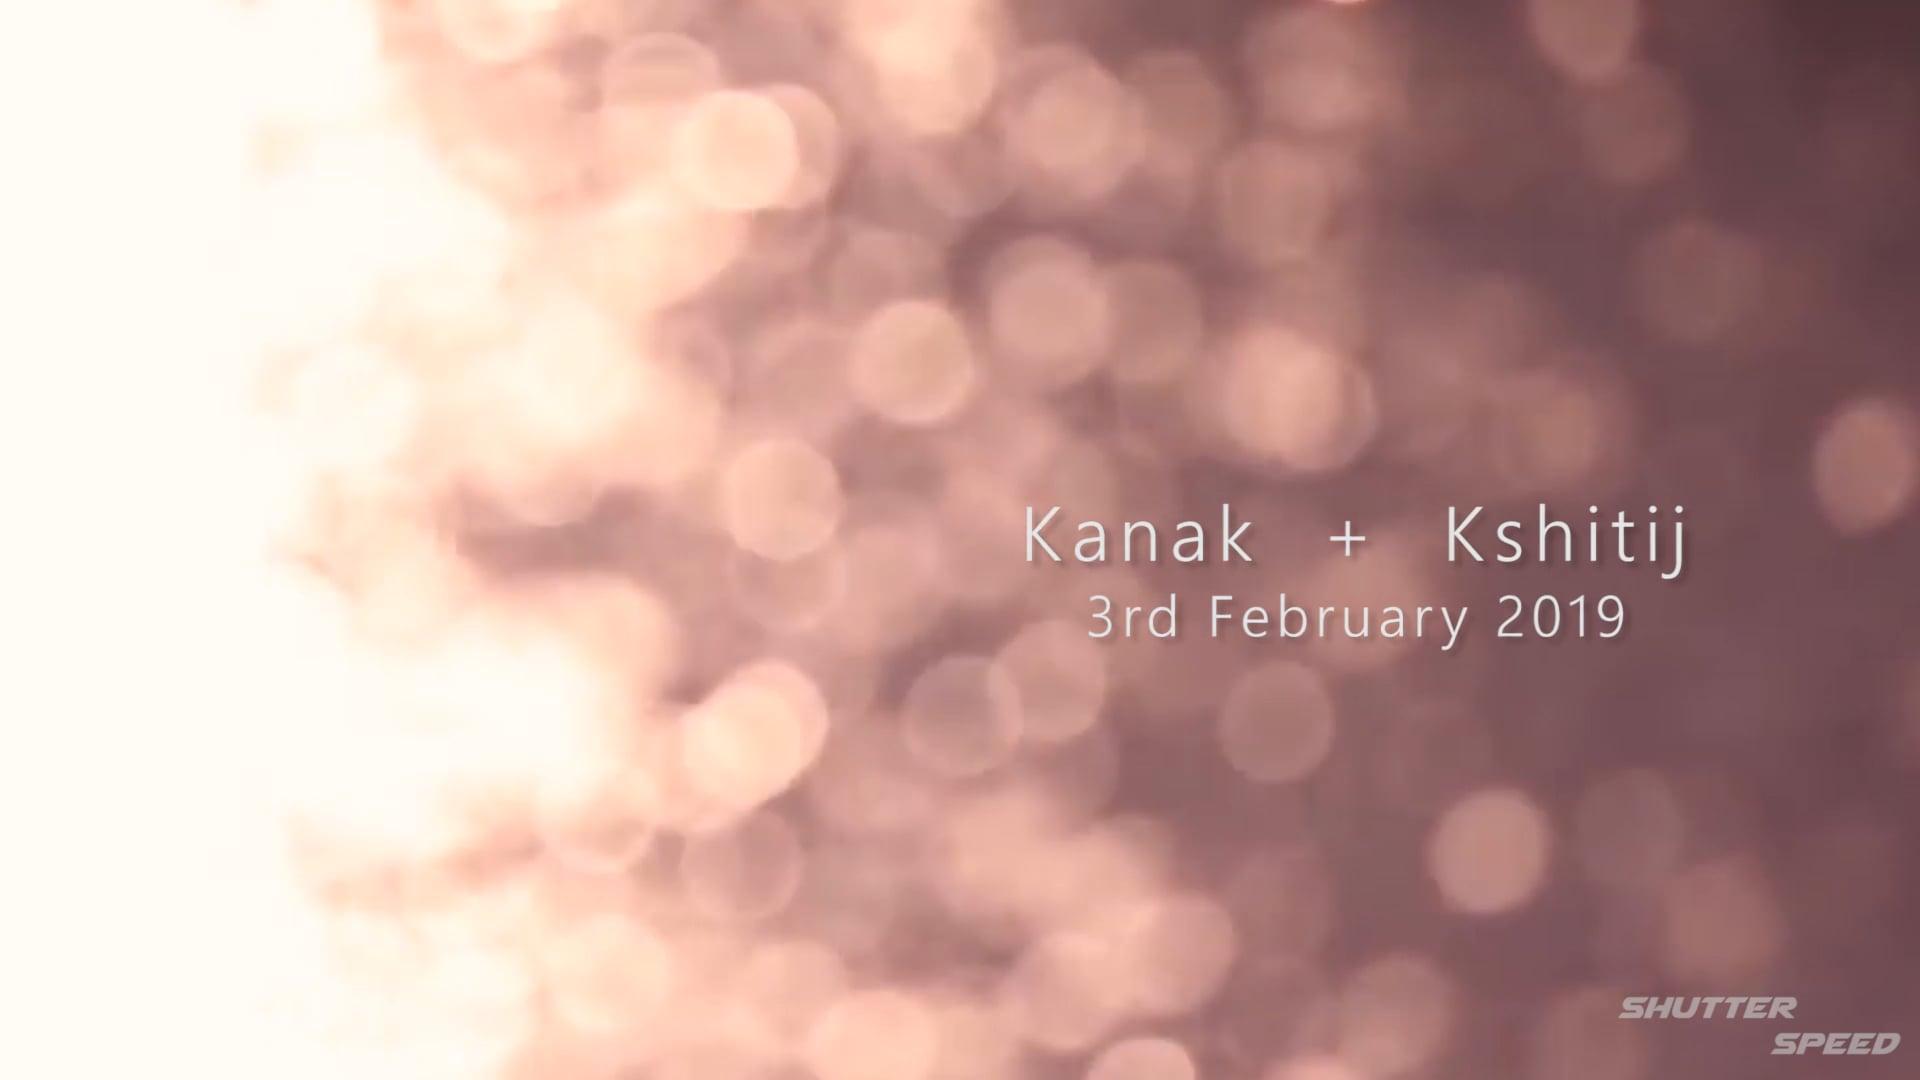 Kanak weds Kshitij